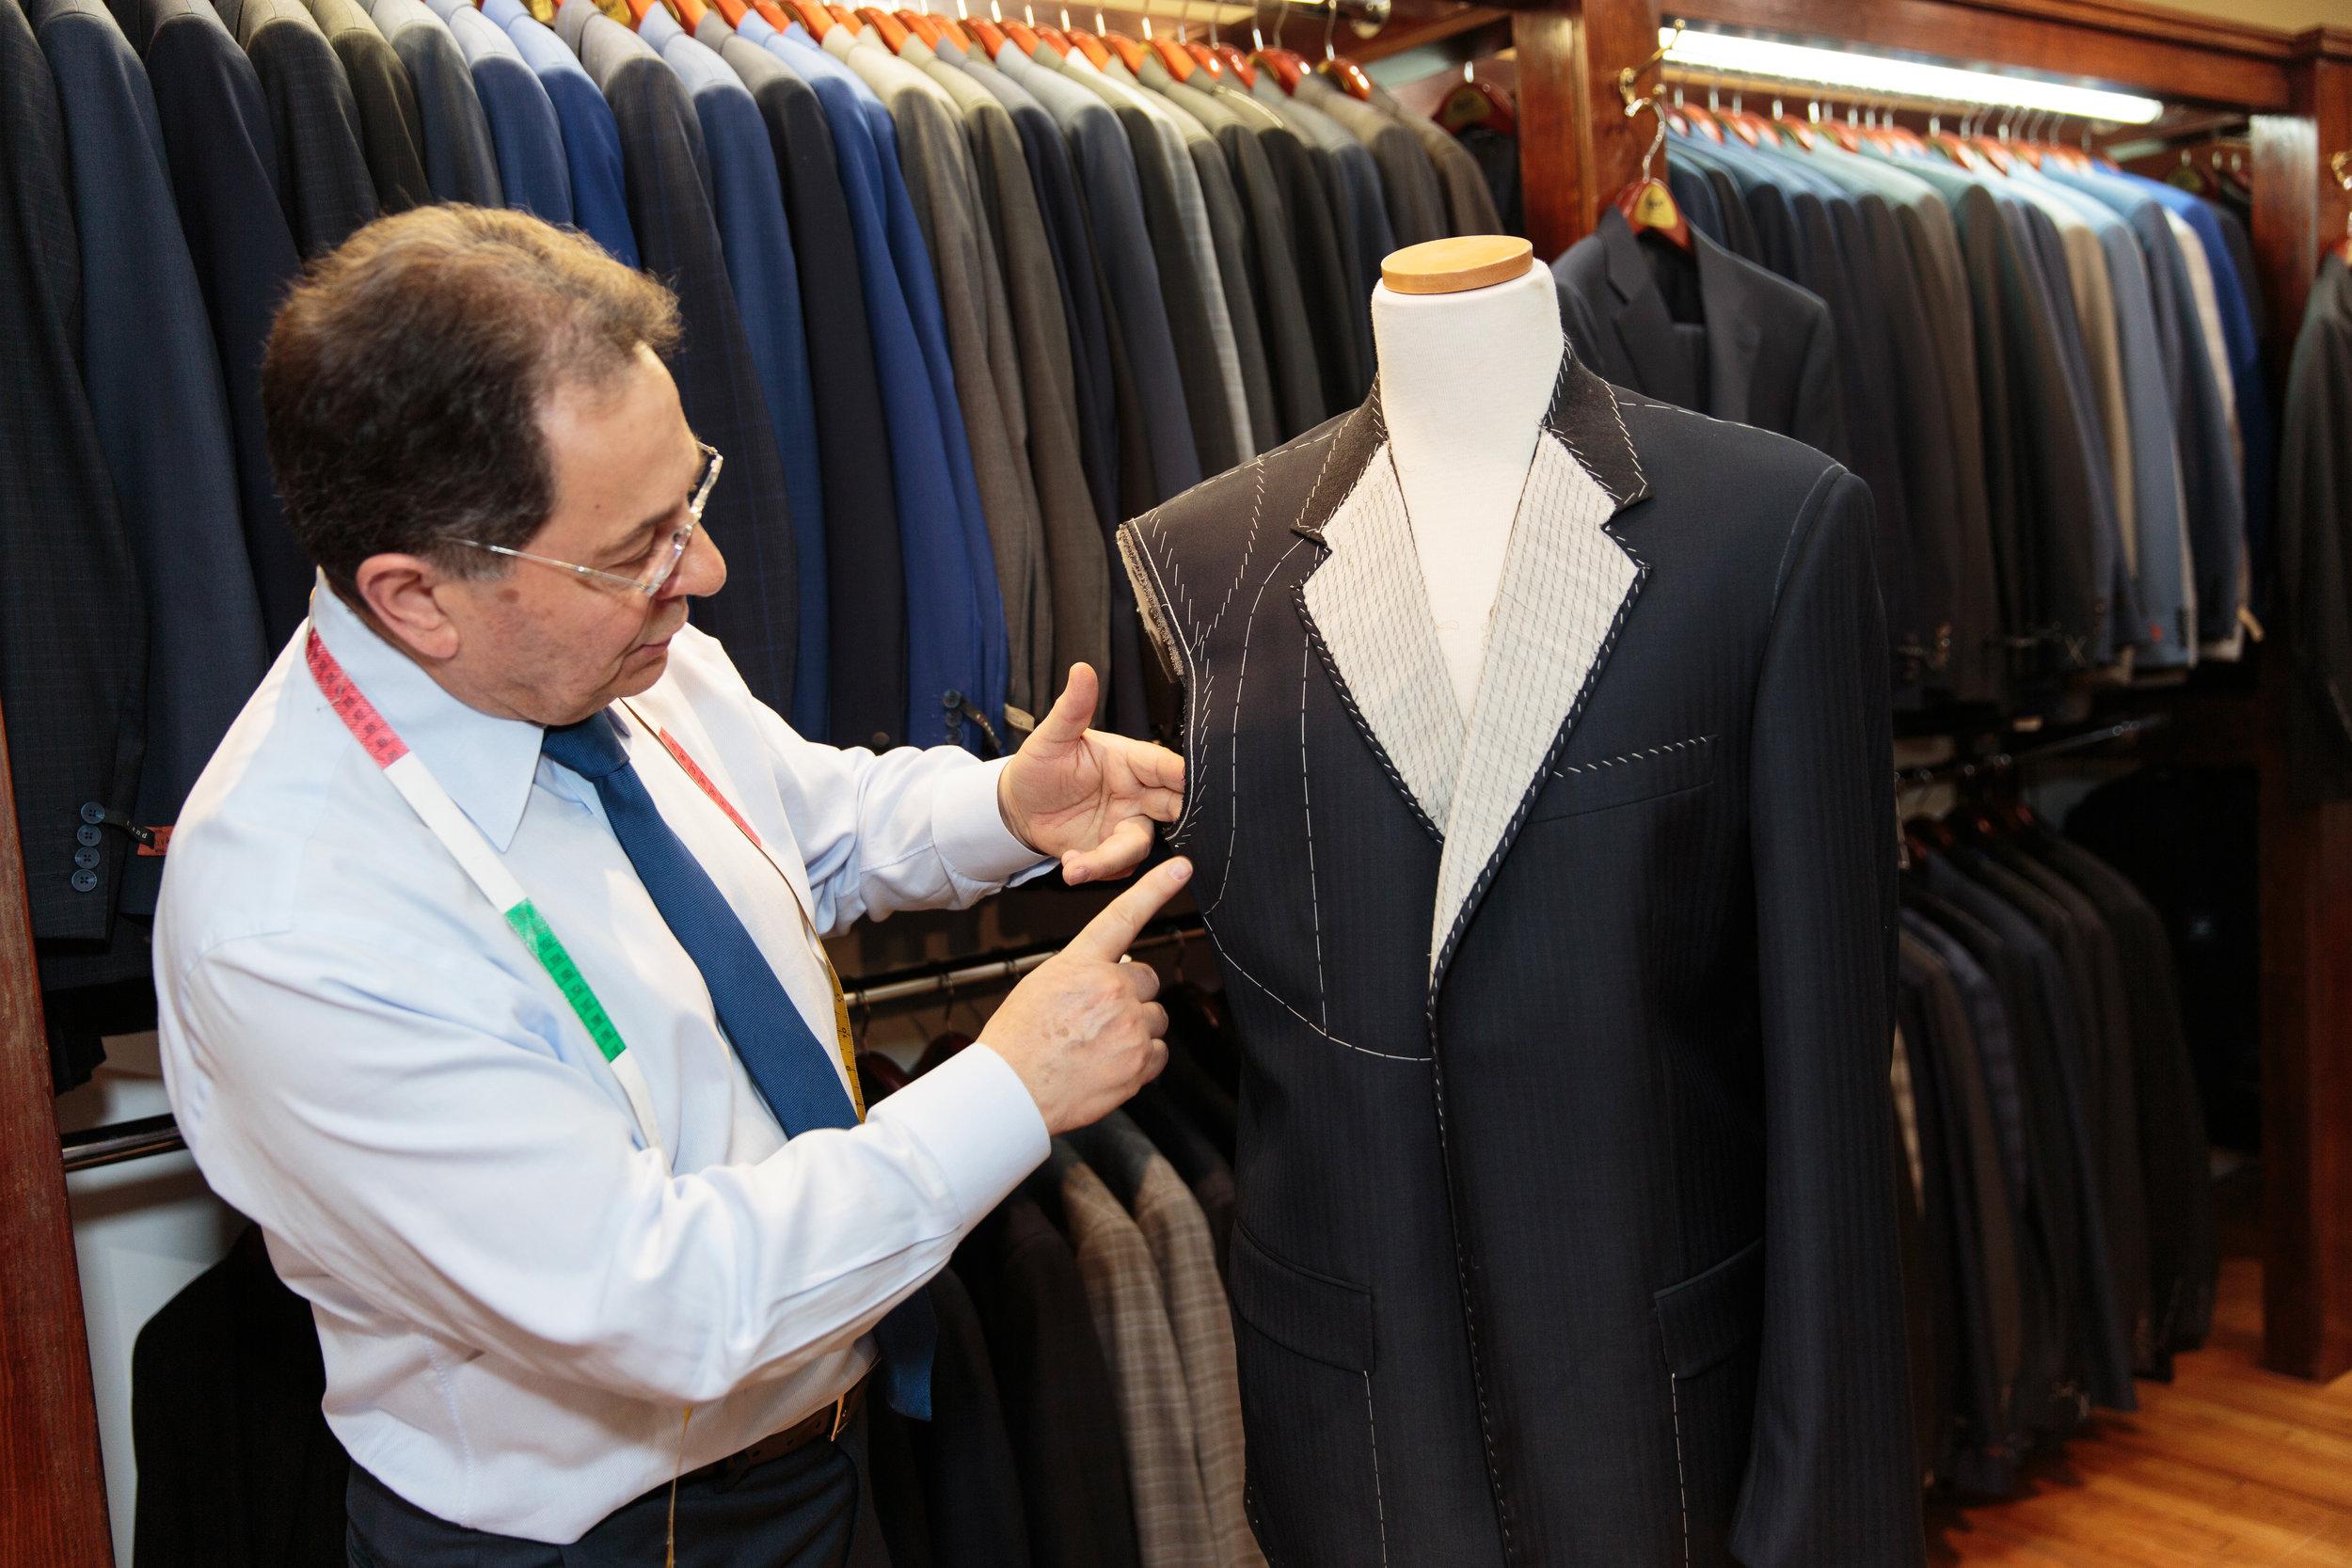 Tailoring_-9.jpg